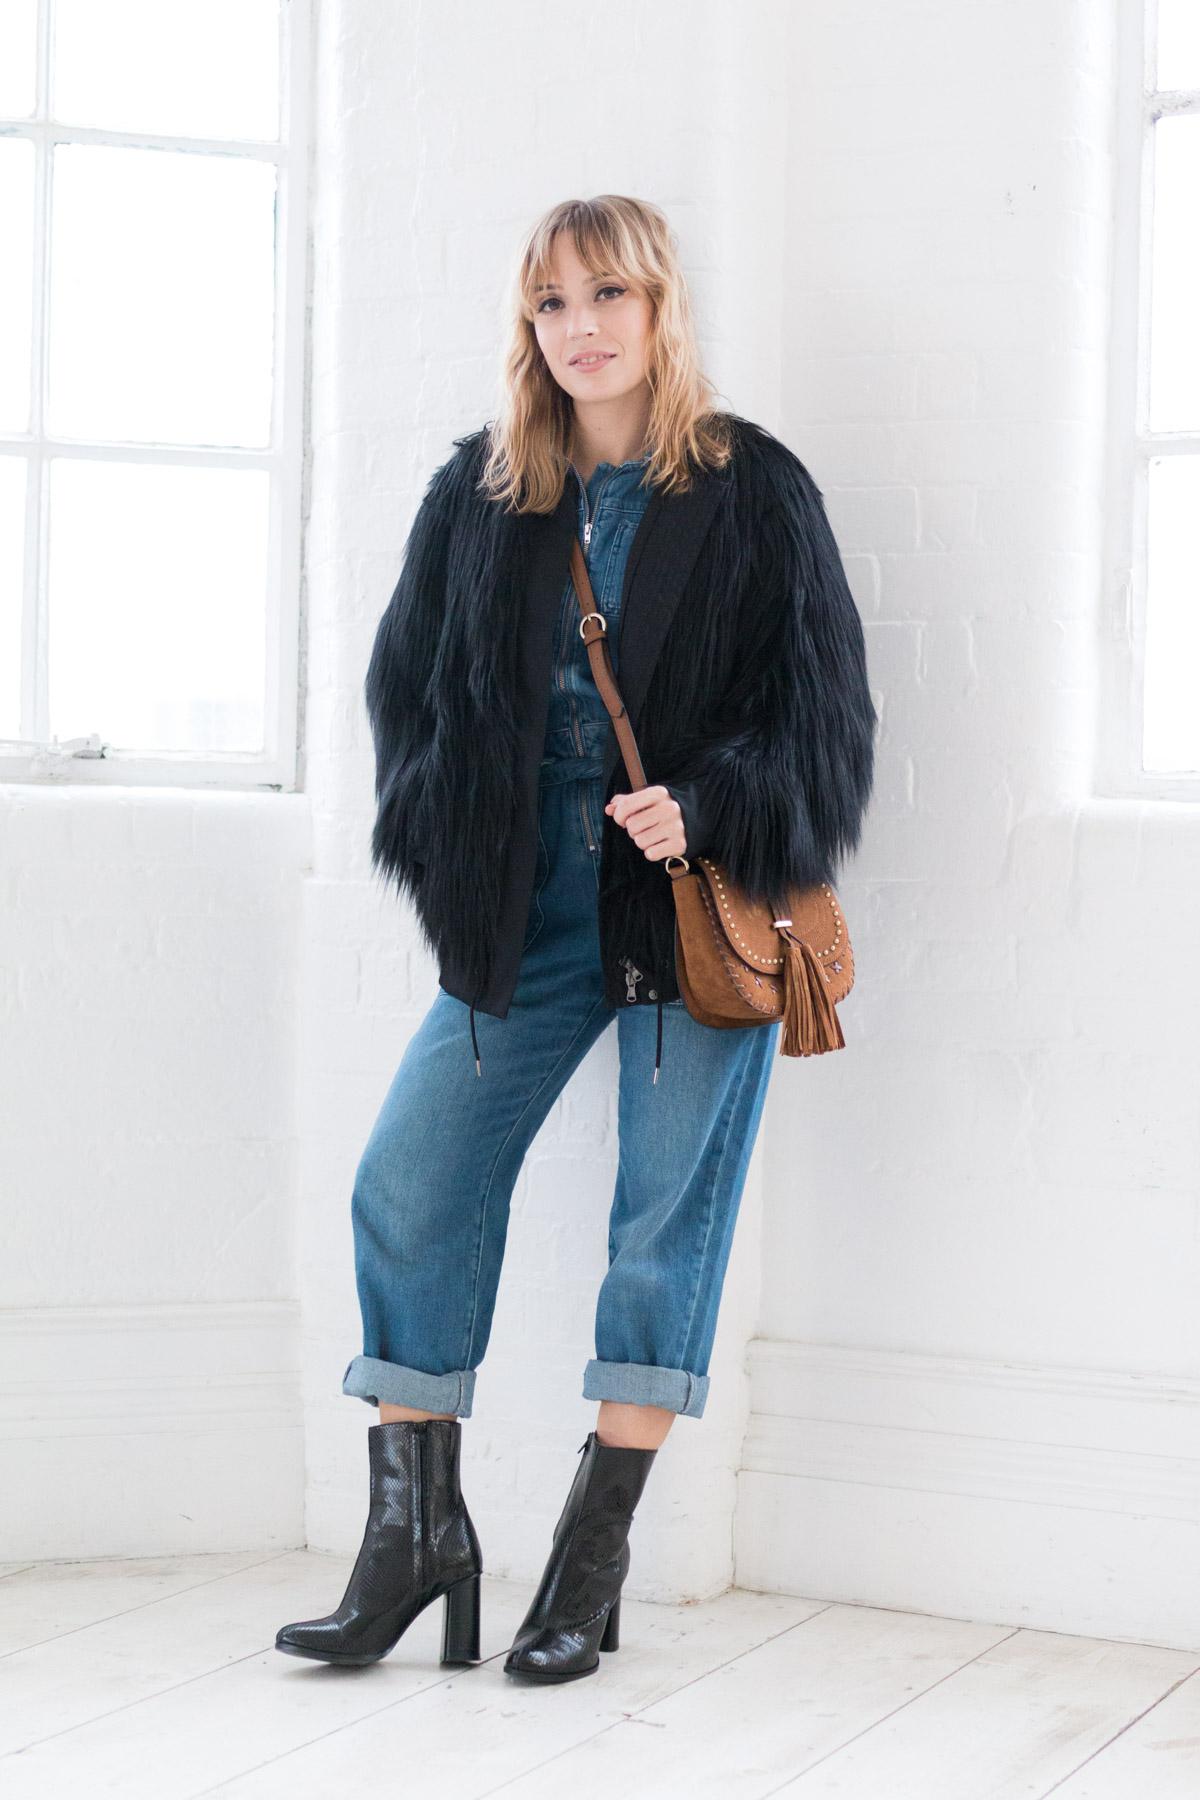 Combinaison en jean et manteau fausse fourrure I Sp4nkblog-2